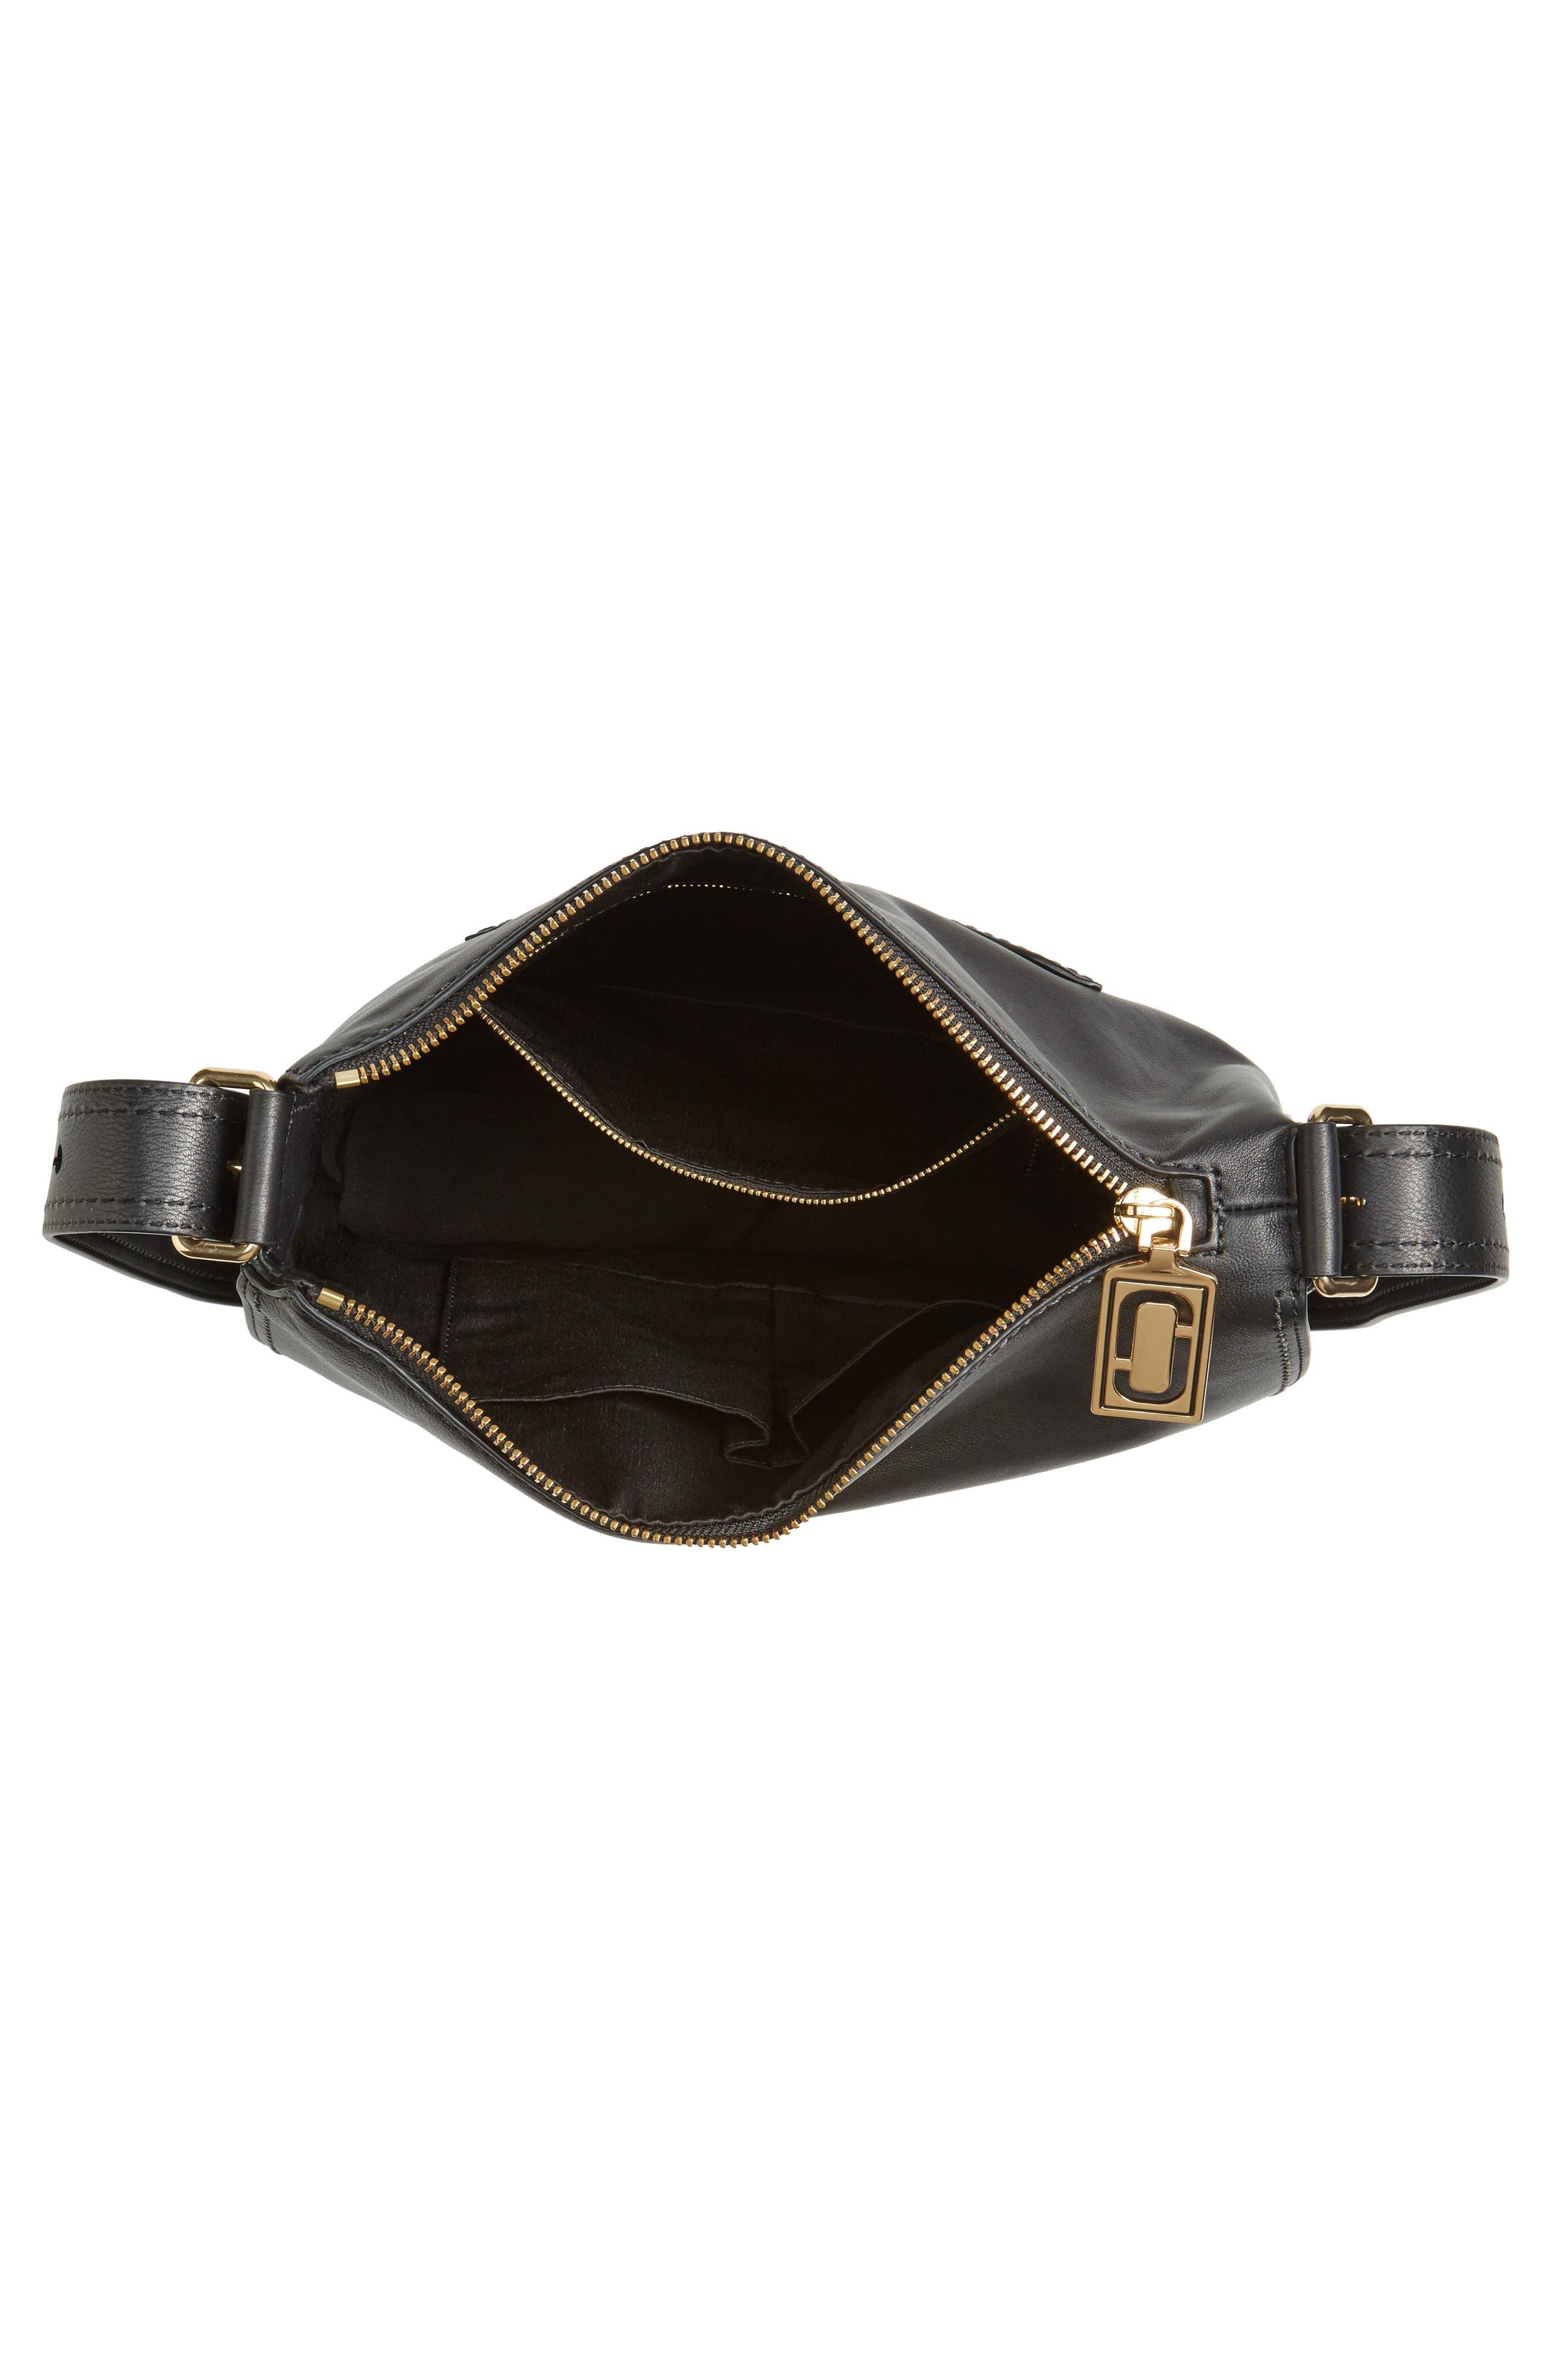 Alternate Image 3  - MARC JACOBS Downtown Stud Leather Shoulder Bag